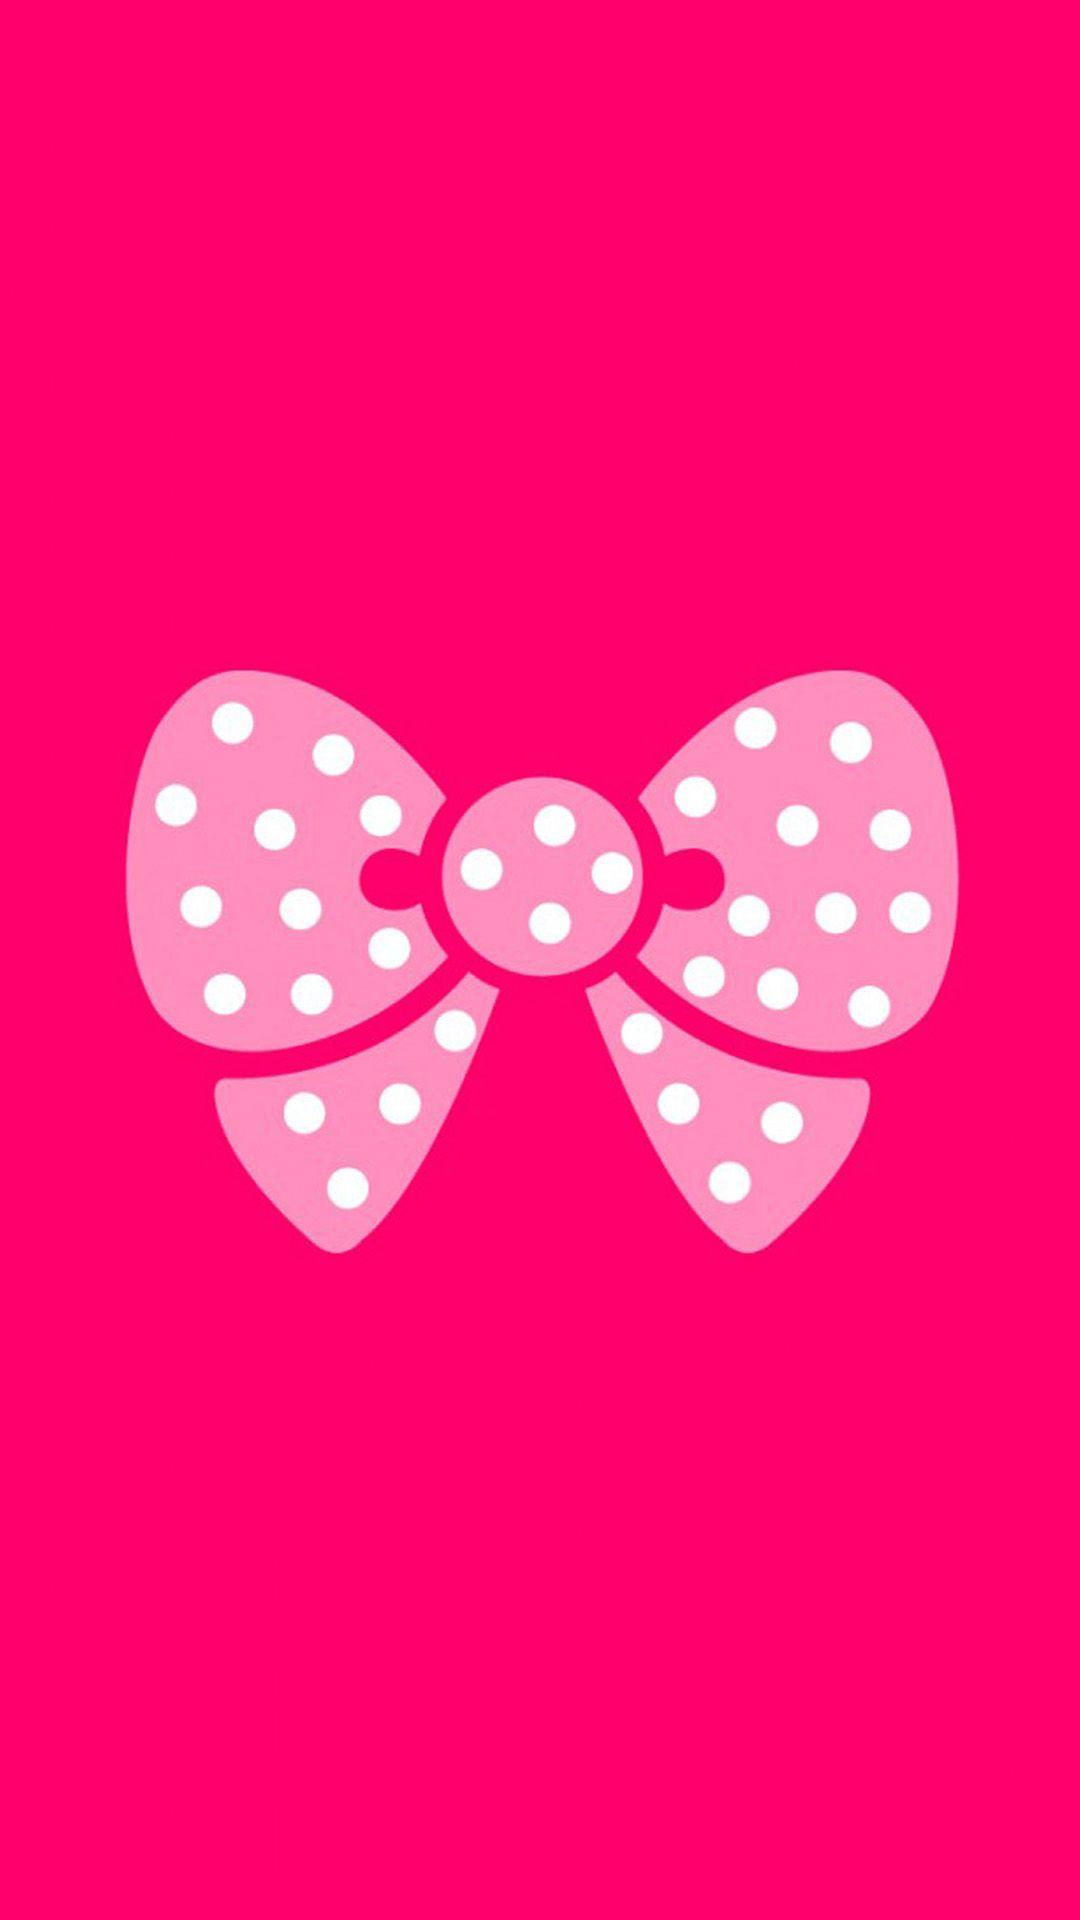 Top Wallpaper Hello Kitty Iphone 5 - bab9768bf285c0da3910ae02a367eaa2  Graphic_327010.jpg